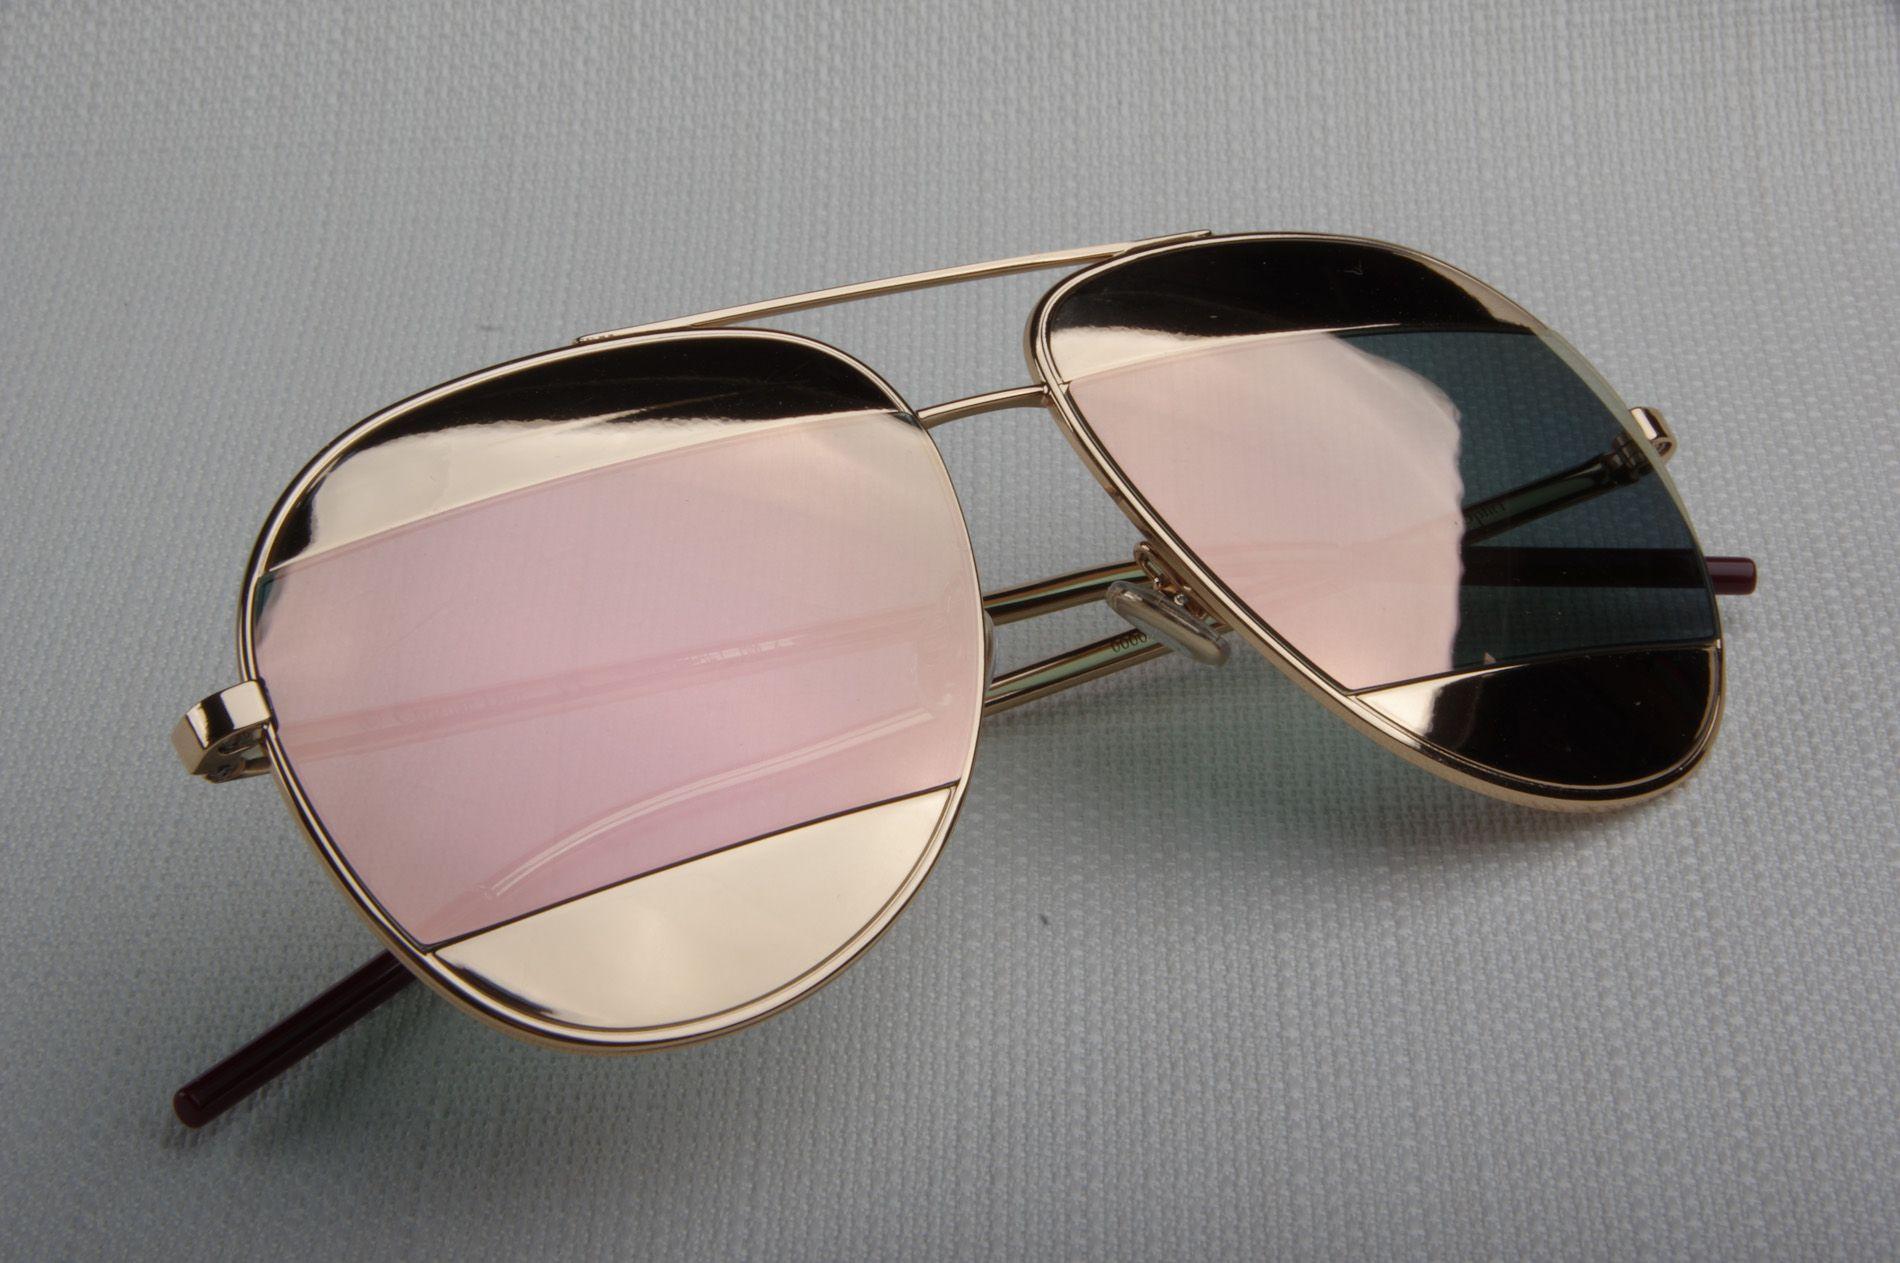 932e5844e0fbe6 La lunette DIOR SPLIT est la dernière création lunetière de la Maison DIOR.  Même si